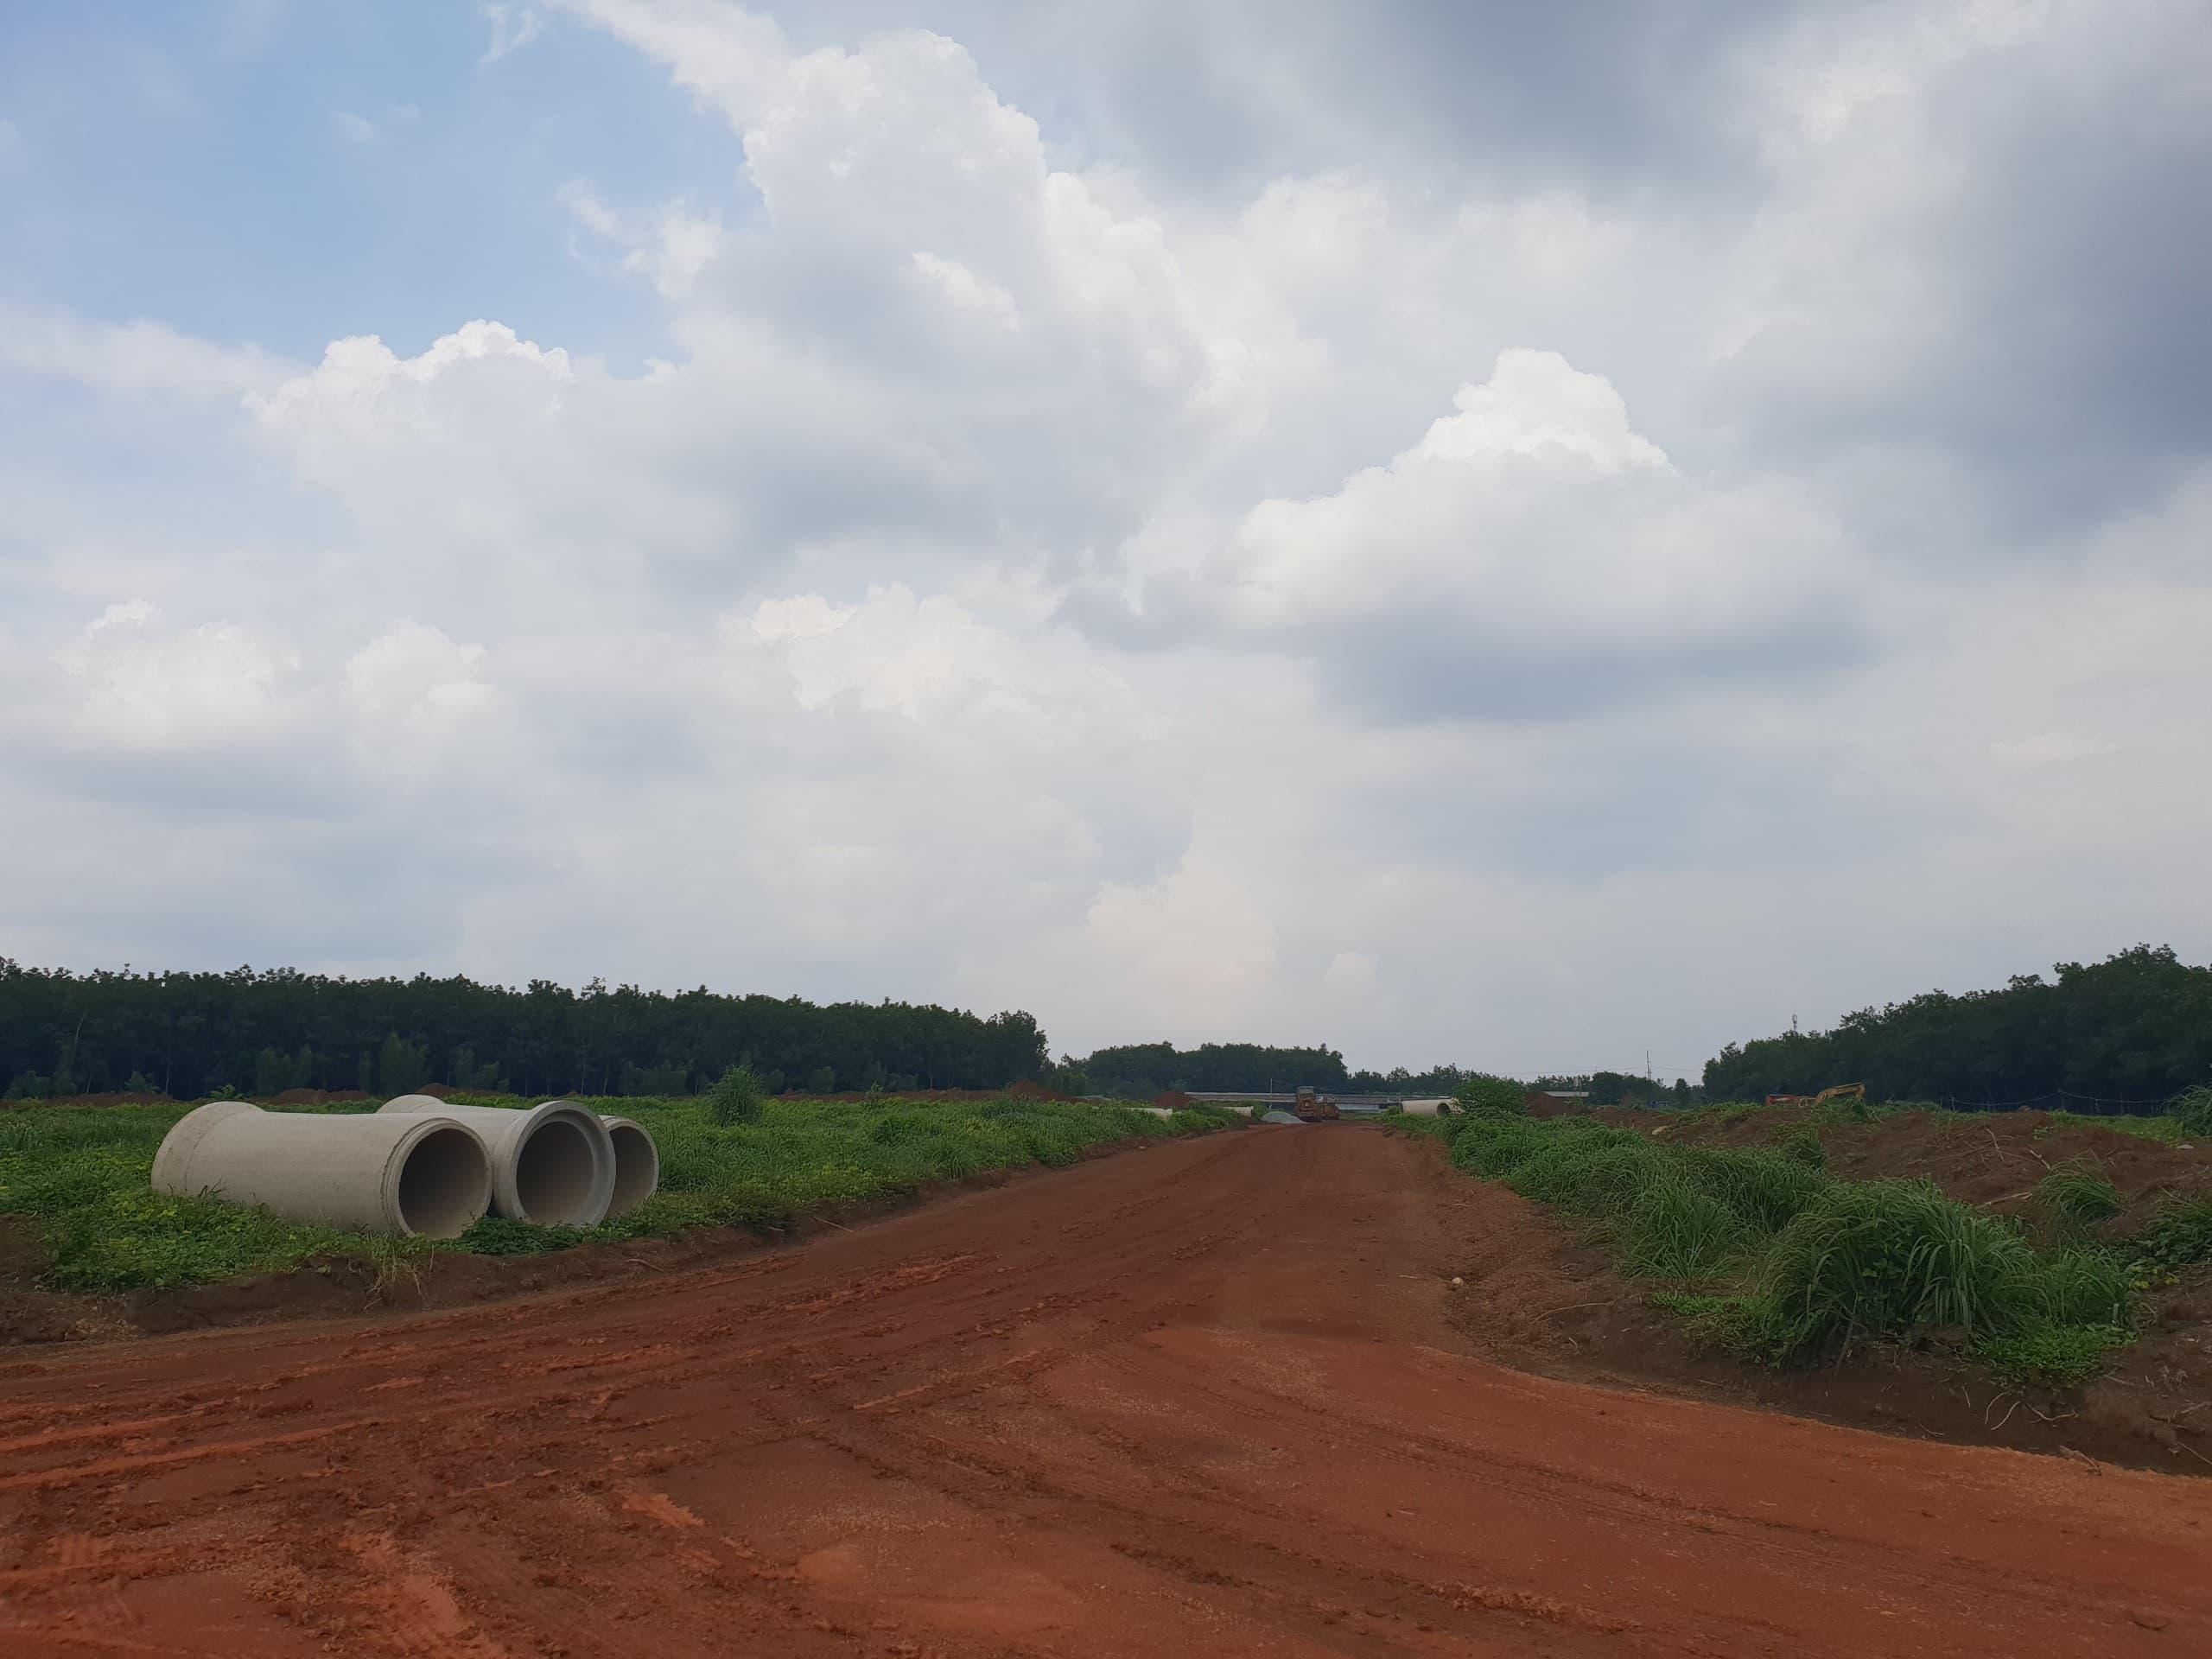 Dự án đất nền Tân Lập Garden Bình Phước đang triển khai